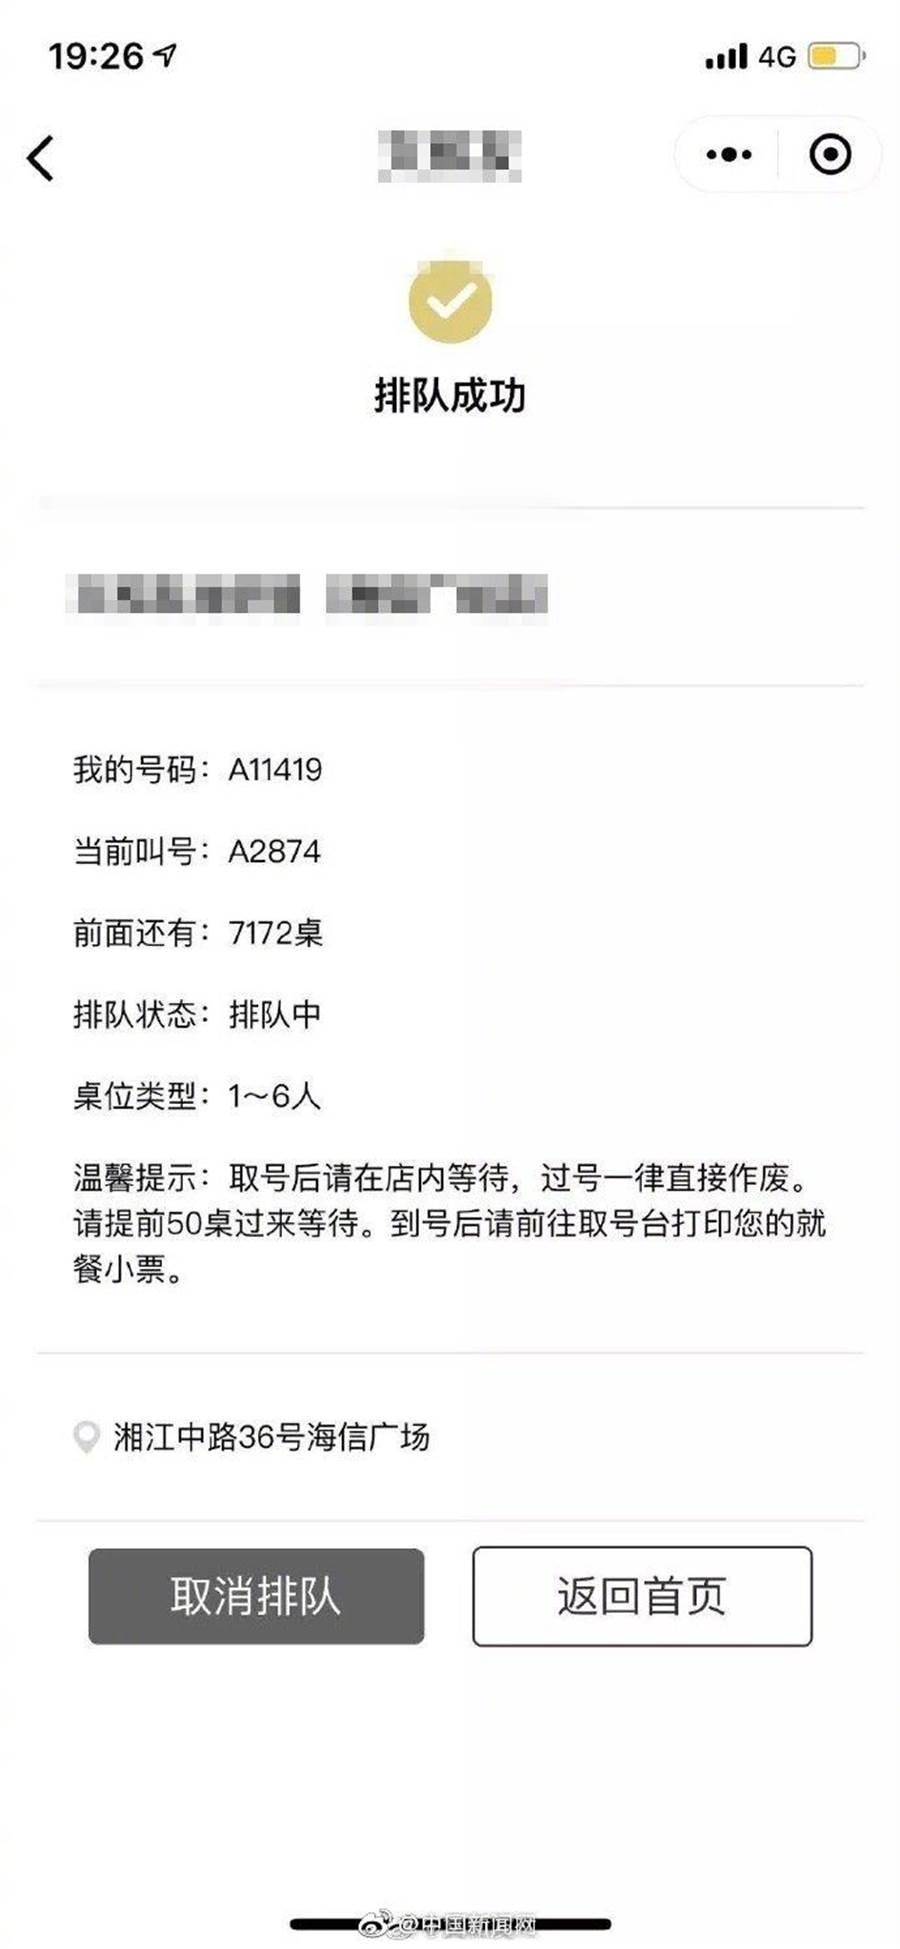 大陸長沙一家網紅小龍蝦店五一假期排隊人數竟達到7974桌!(微博)